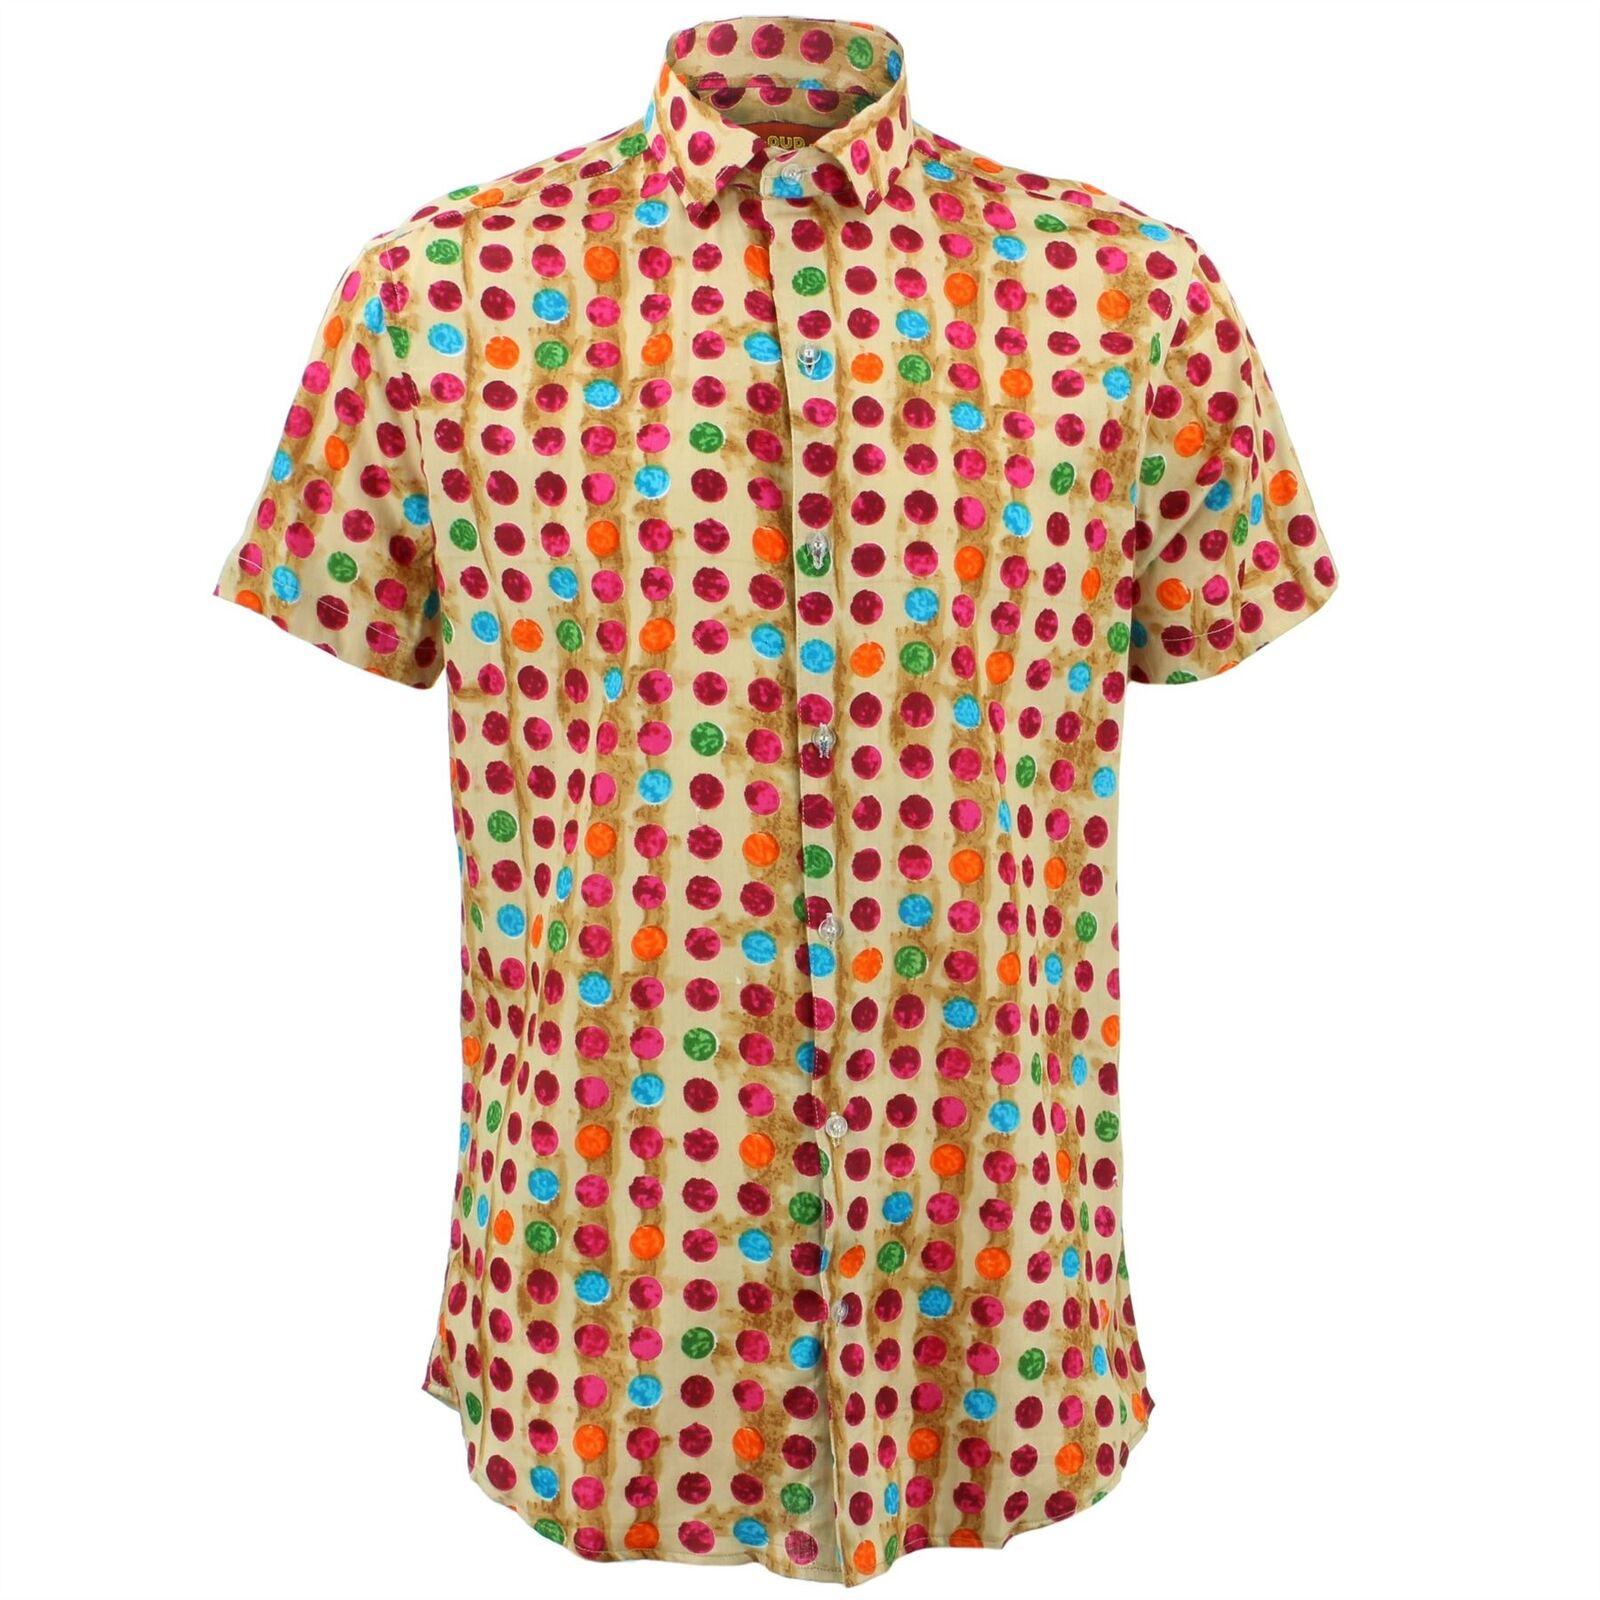 Herren Shirt Loud Originals Enganliegend Dotty Orange Retro Psychedelic Fancy  | Diversified In Packaging